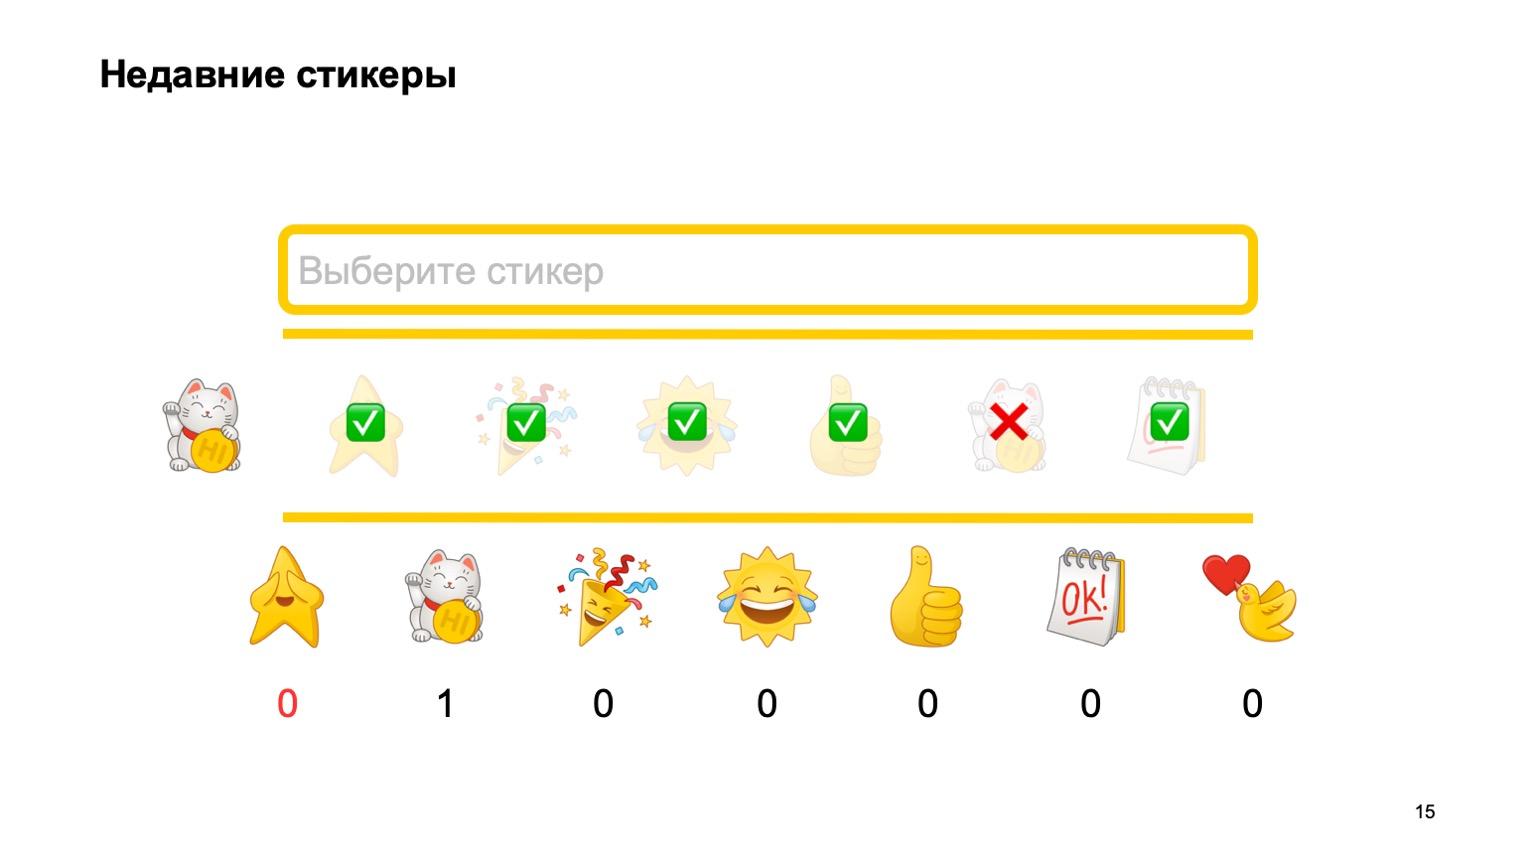 Мобильная разработка — это просто и скучно? Доклад Яндекса - 14